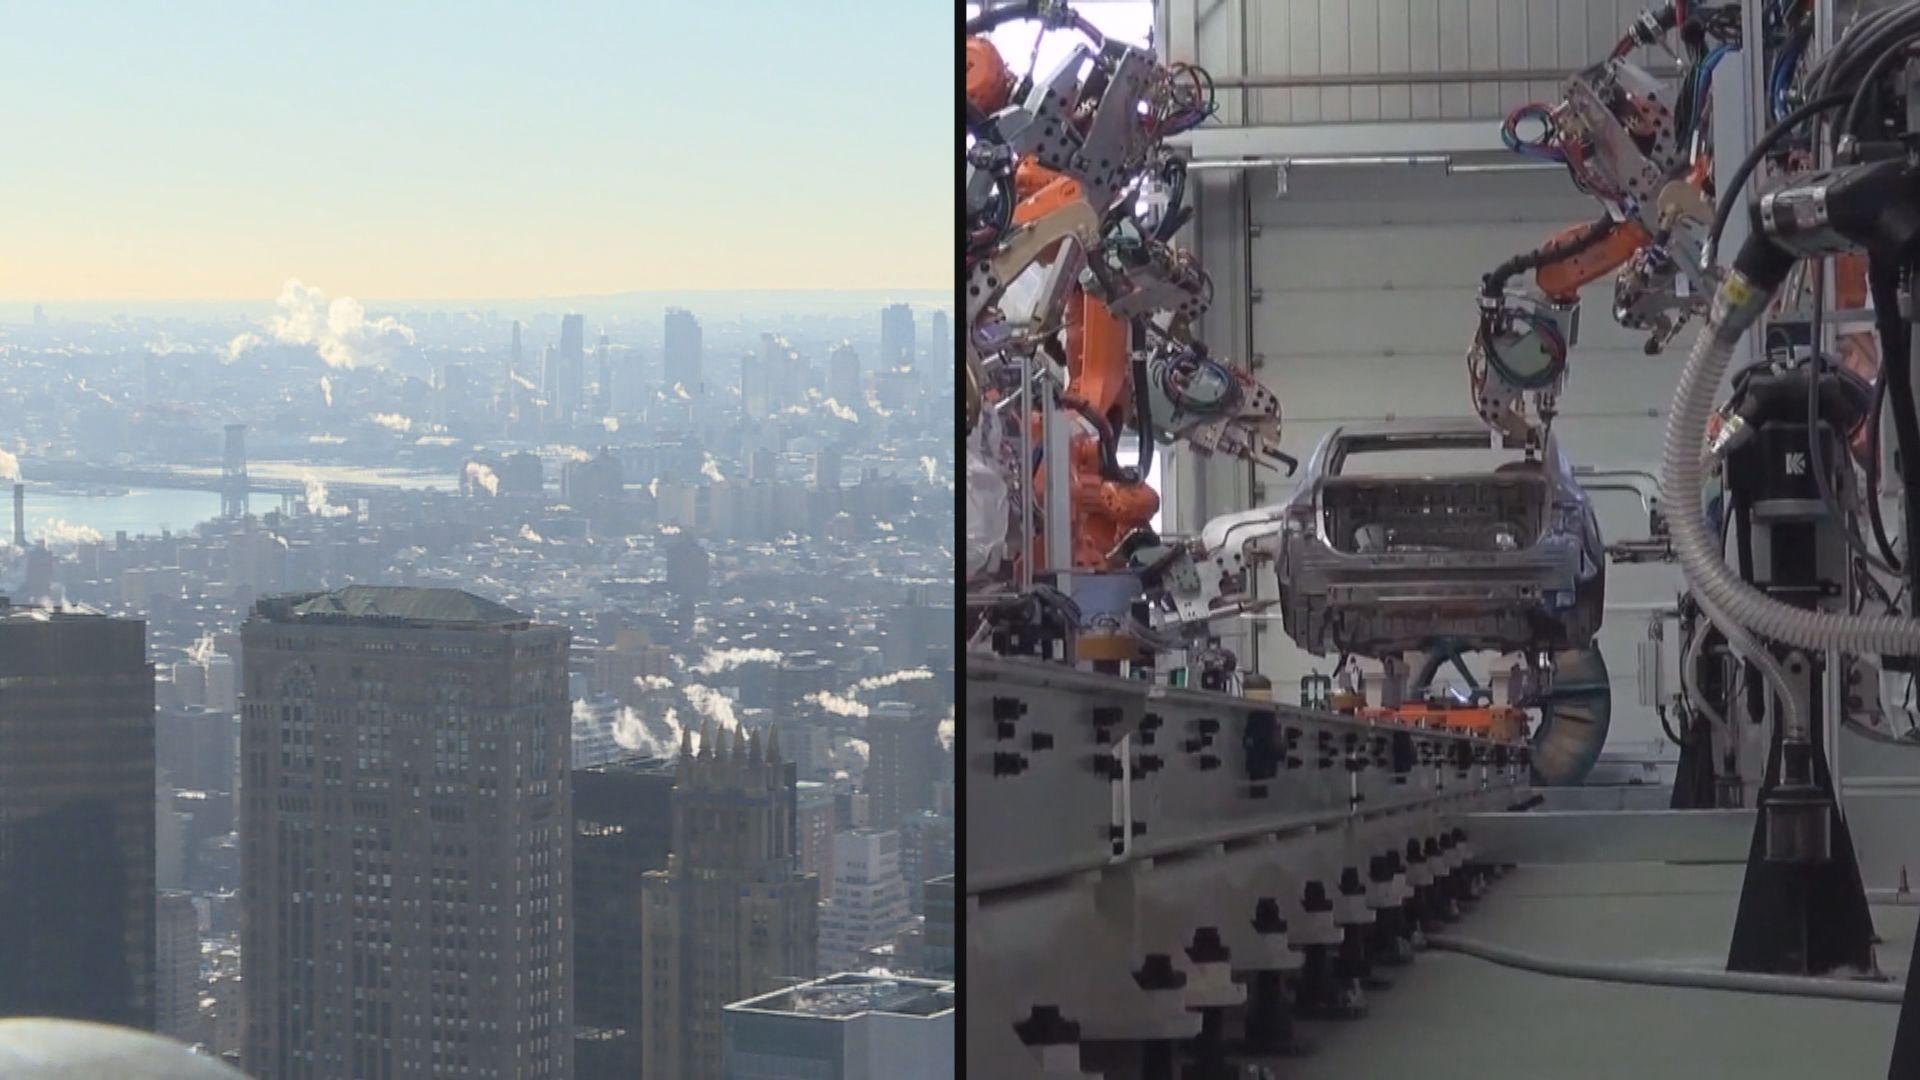 料本周數據反映美國樓市和製造業活動表現低迷